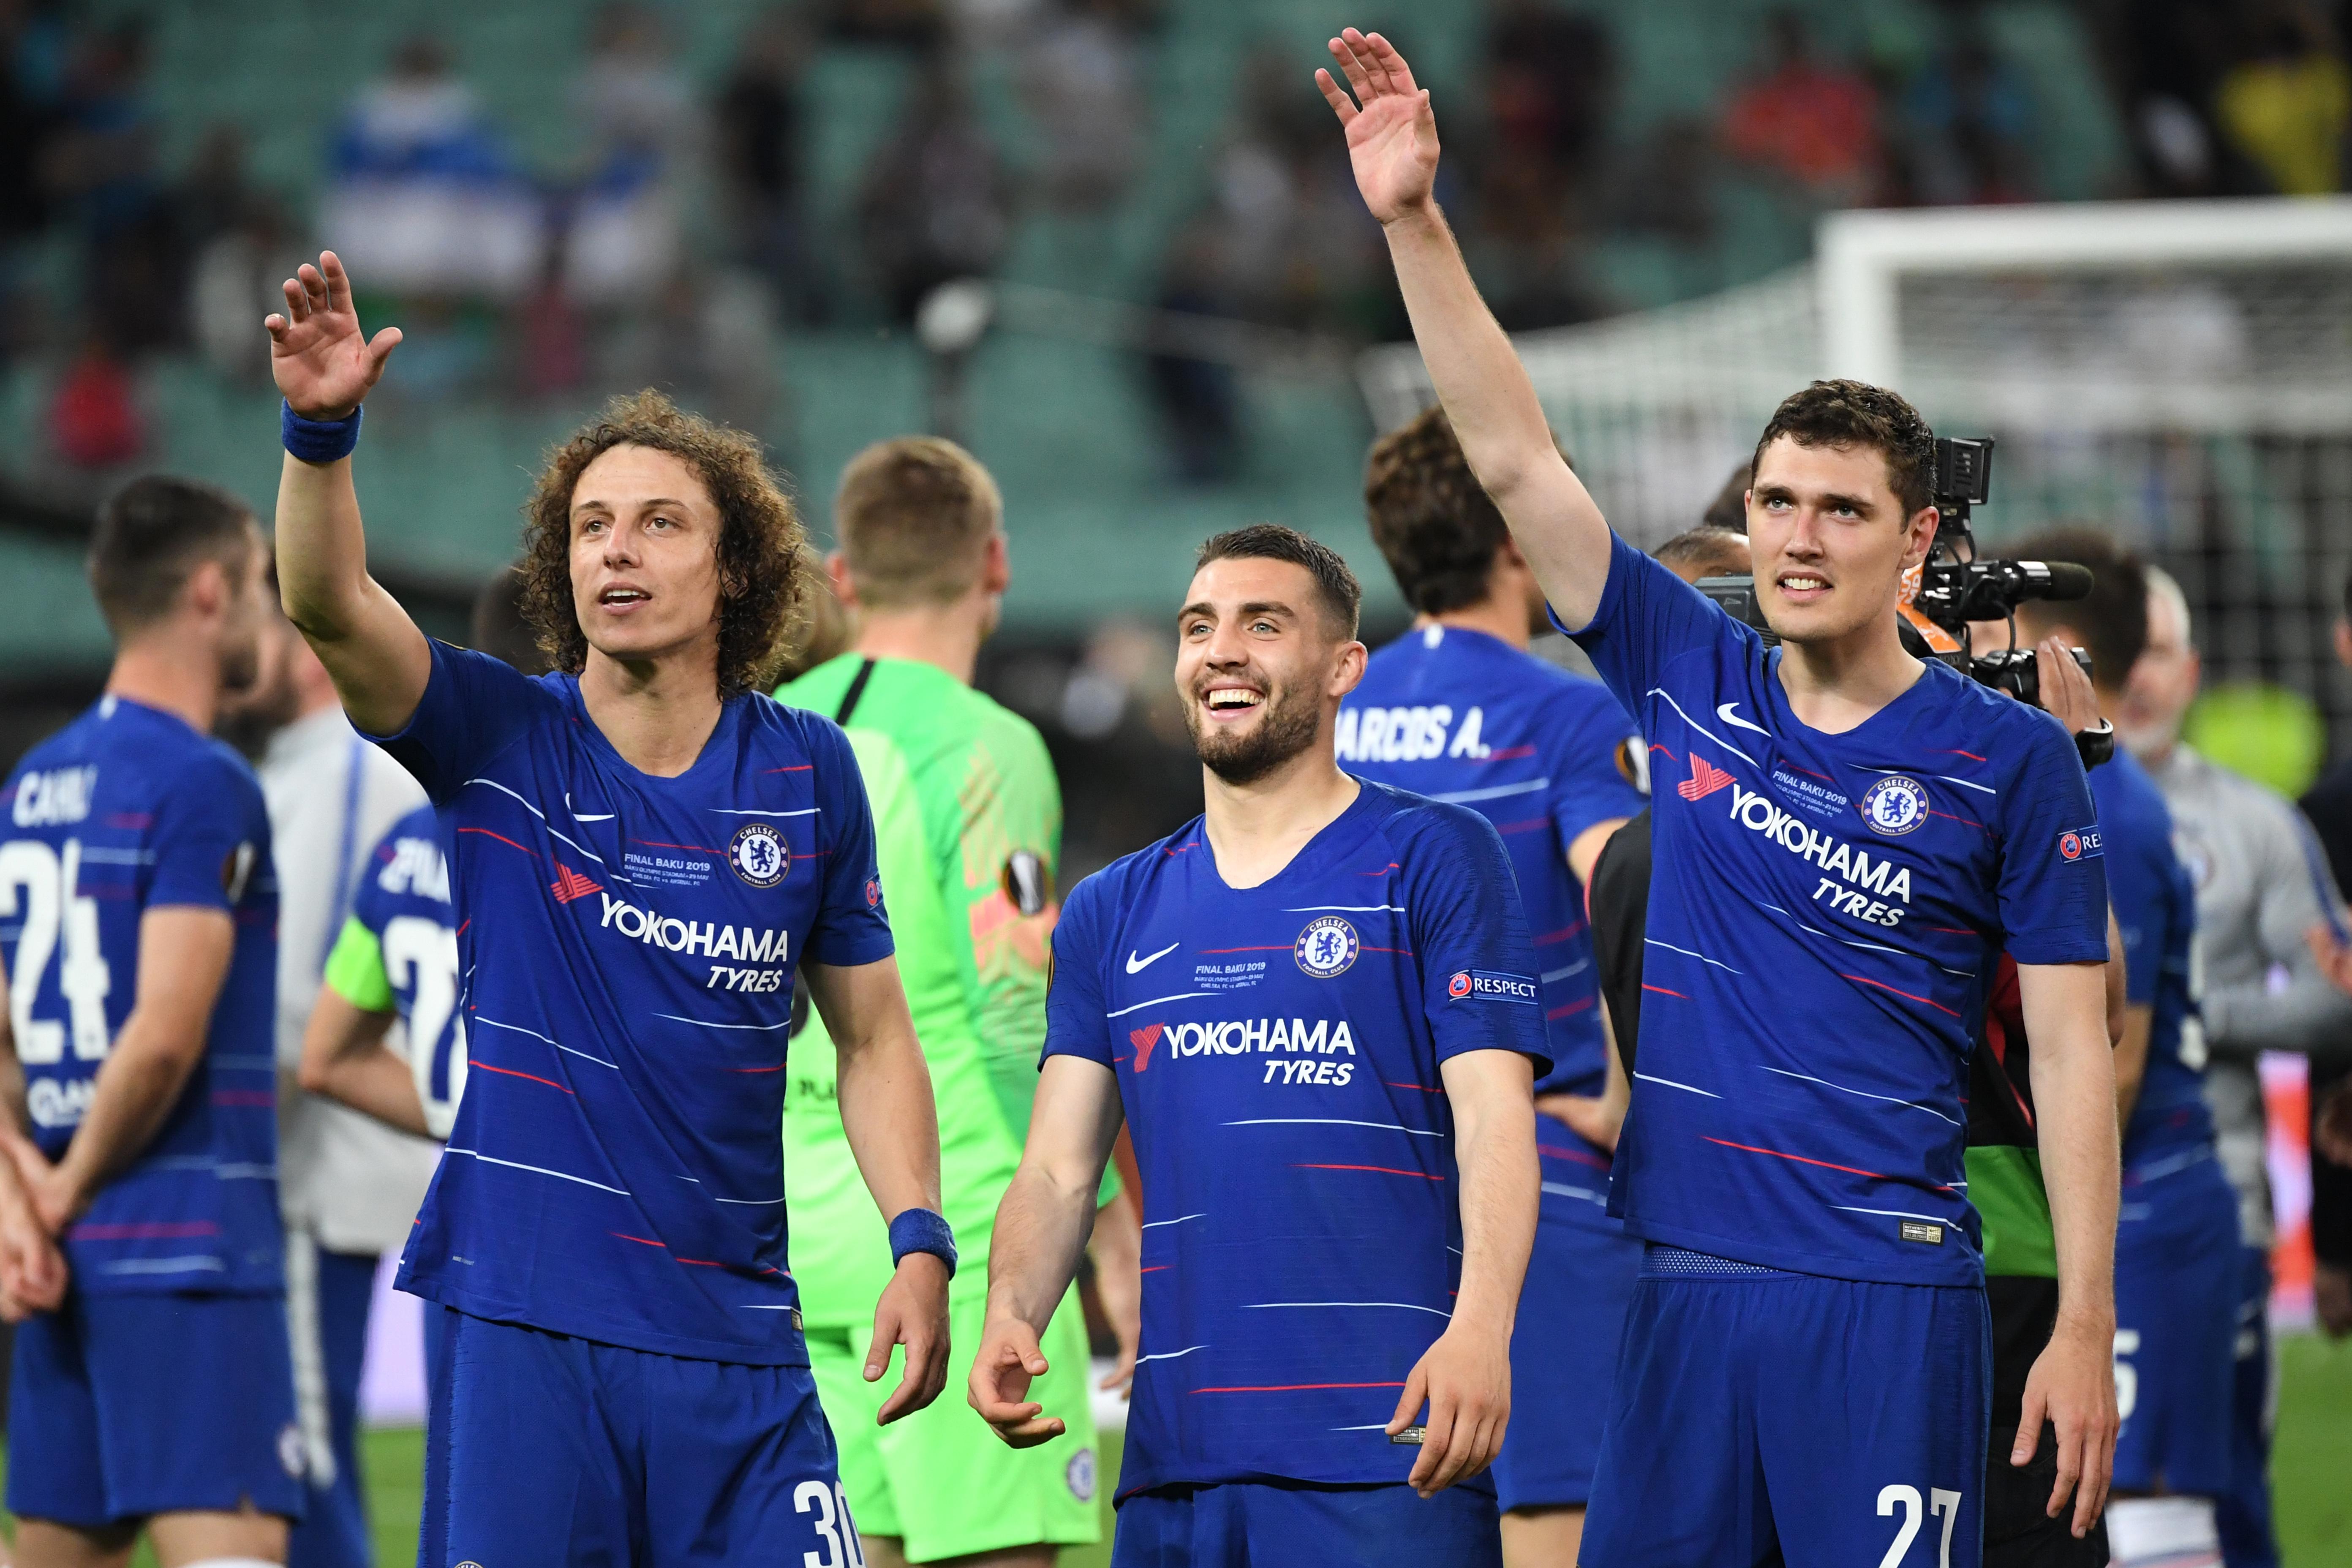 4-1-re nyert a Chelsea az Arsenal ellen az Európa-liga döntőjében